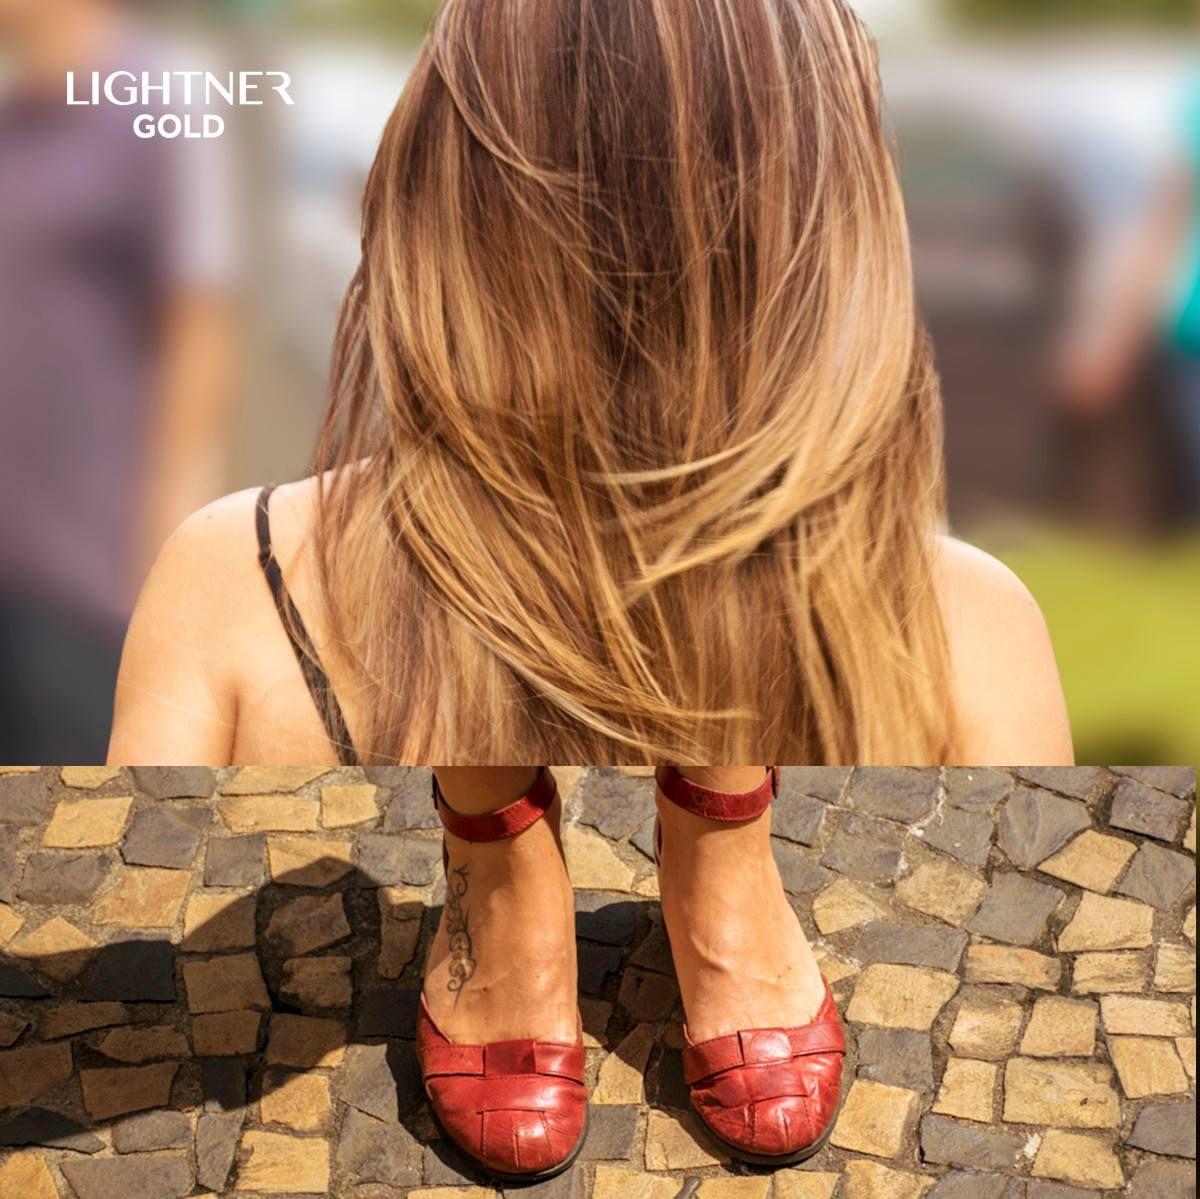 Quer saber o que nós brasileiras amamos? Ombré Hair e sapatos! Nosso passeio fotográfico pelas ruas das grandes cidades nos mostrou que iluminar os fios é essencial e o pó descolorante Lightner Gold te ajuda a dar aquele toque especial e esbanjar muito charme. #LoiroDosSonhos